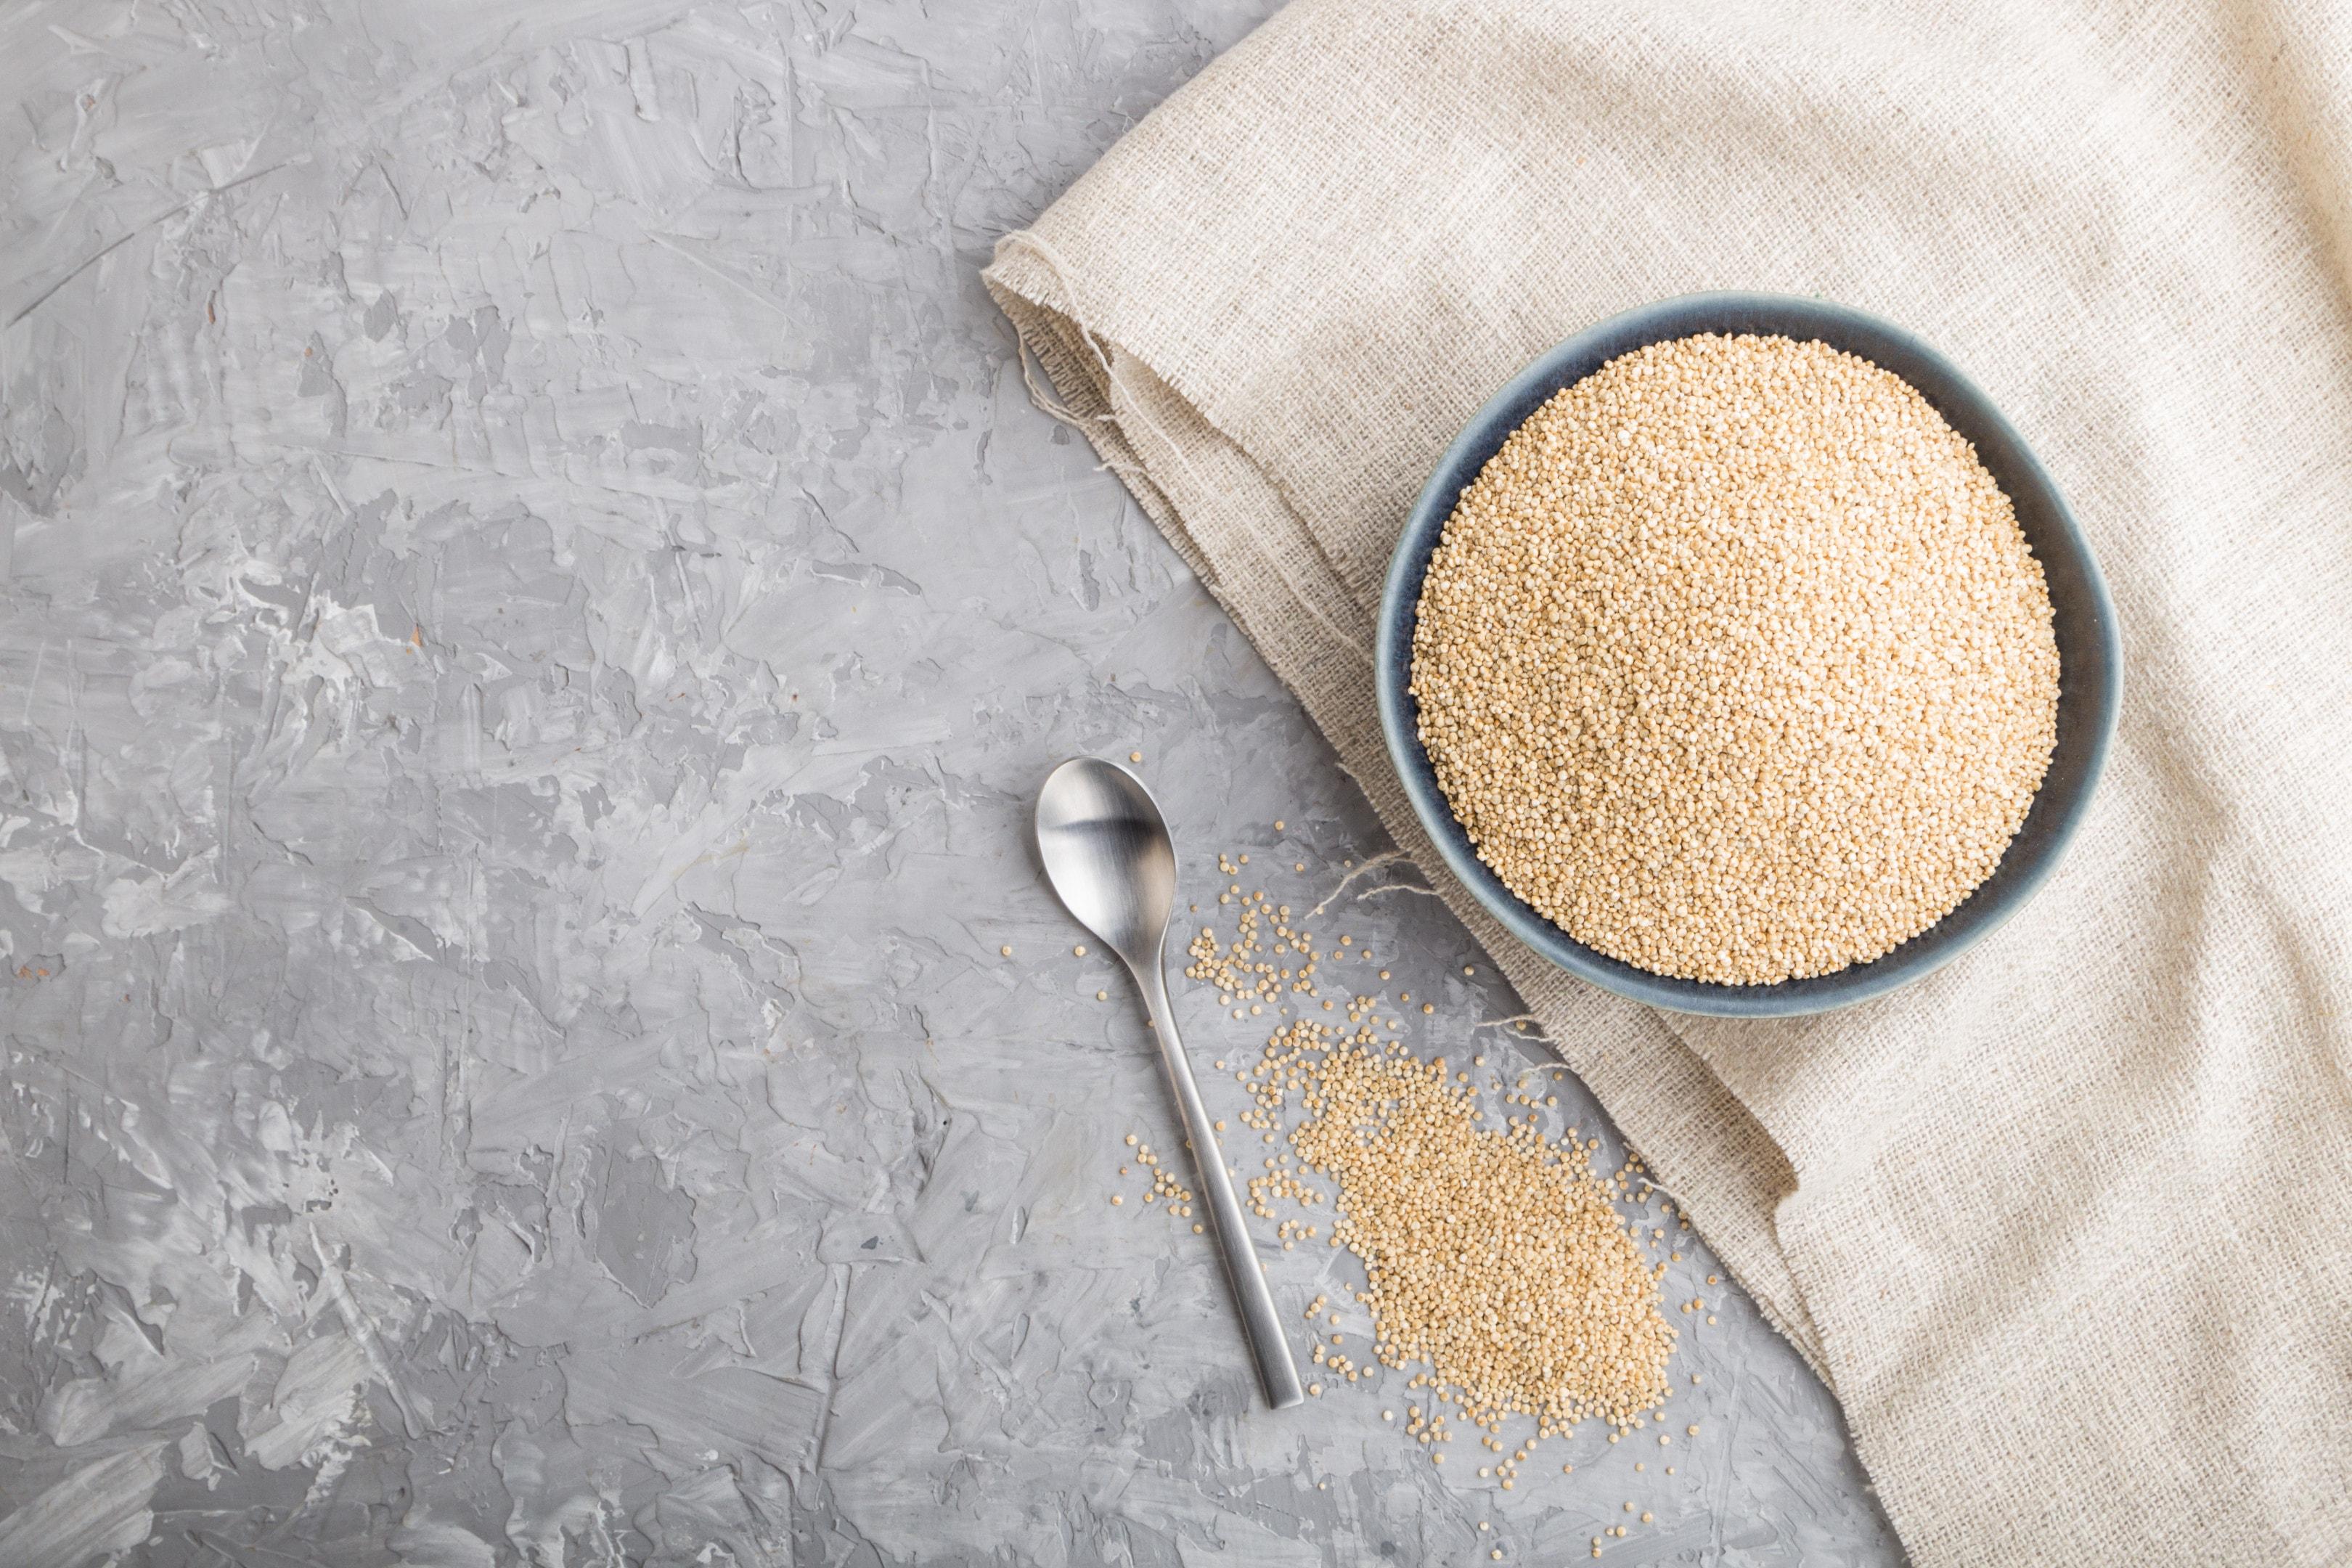 White quinoa seeds in blue ceramic bowl